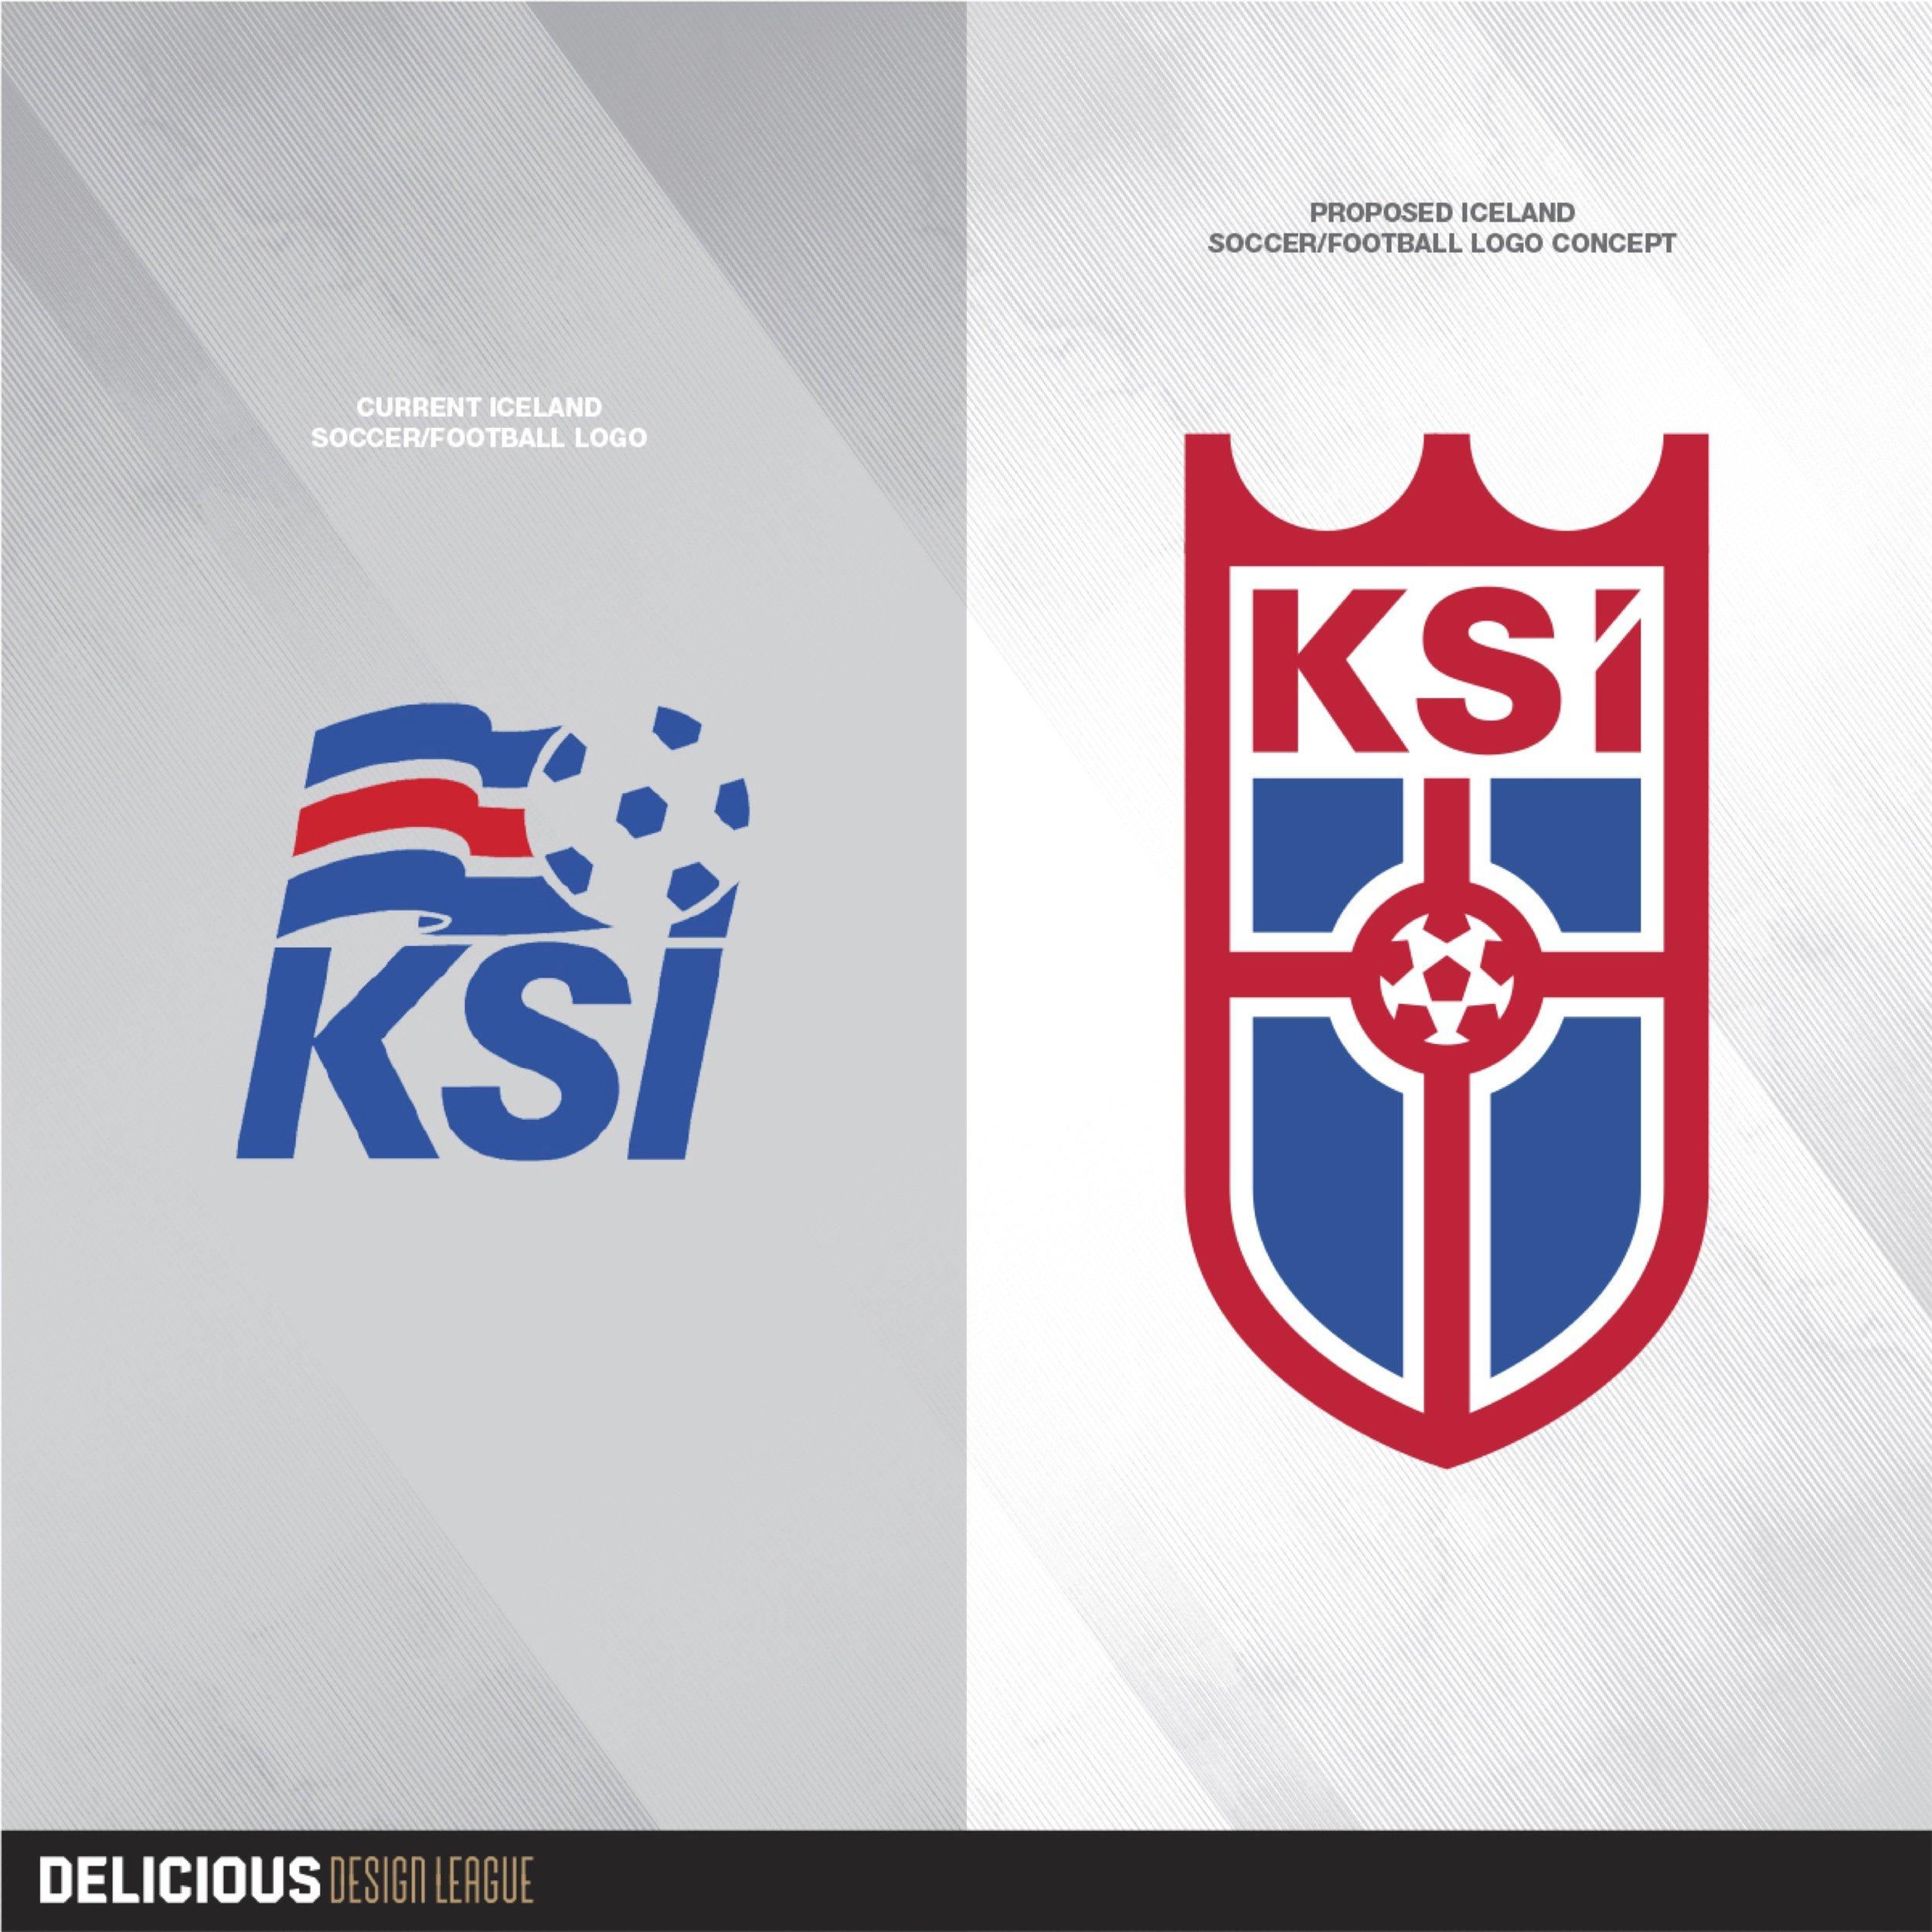 KSI_IcelandSoccerLogo.jpg